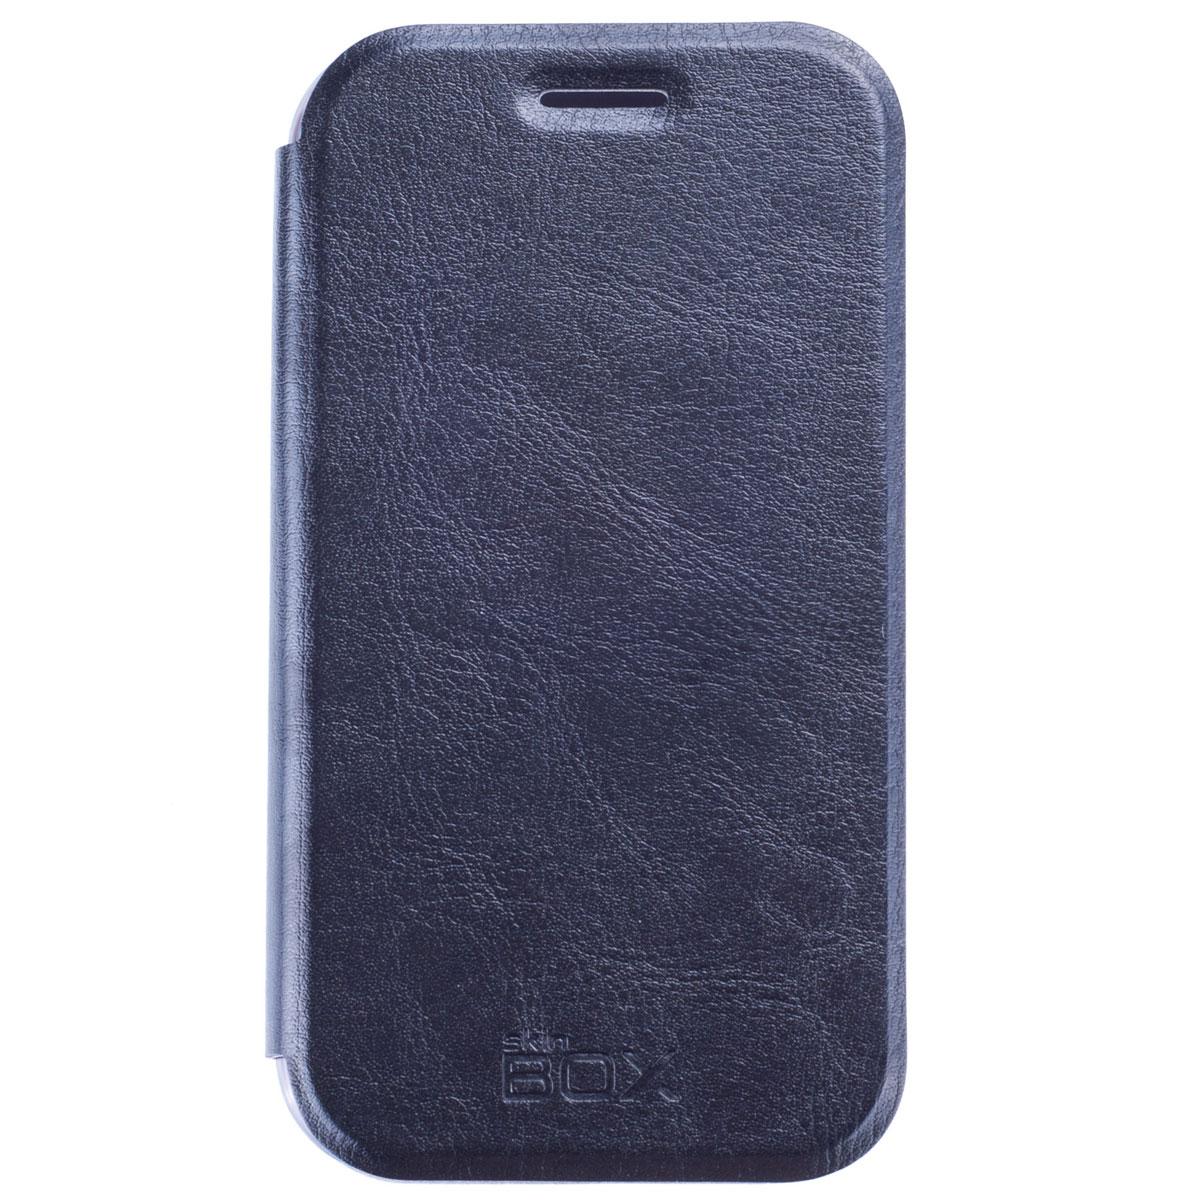 Skinbox Lux чехол для Samsung Galaxy J1 DS, BlackT-S-SJ1-003Чехол Skinbox Lux выполнен из высококачественного поликарбоната и экокожи. Он обеспечивает надежную защиту корпуса и экрана смартфона и надолго сохраняет его привлекательный внешний вид. Чехол также обеспечивает свободный доступ ко всем разъемам и клавишам устройства.